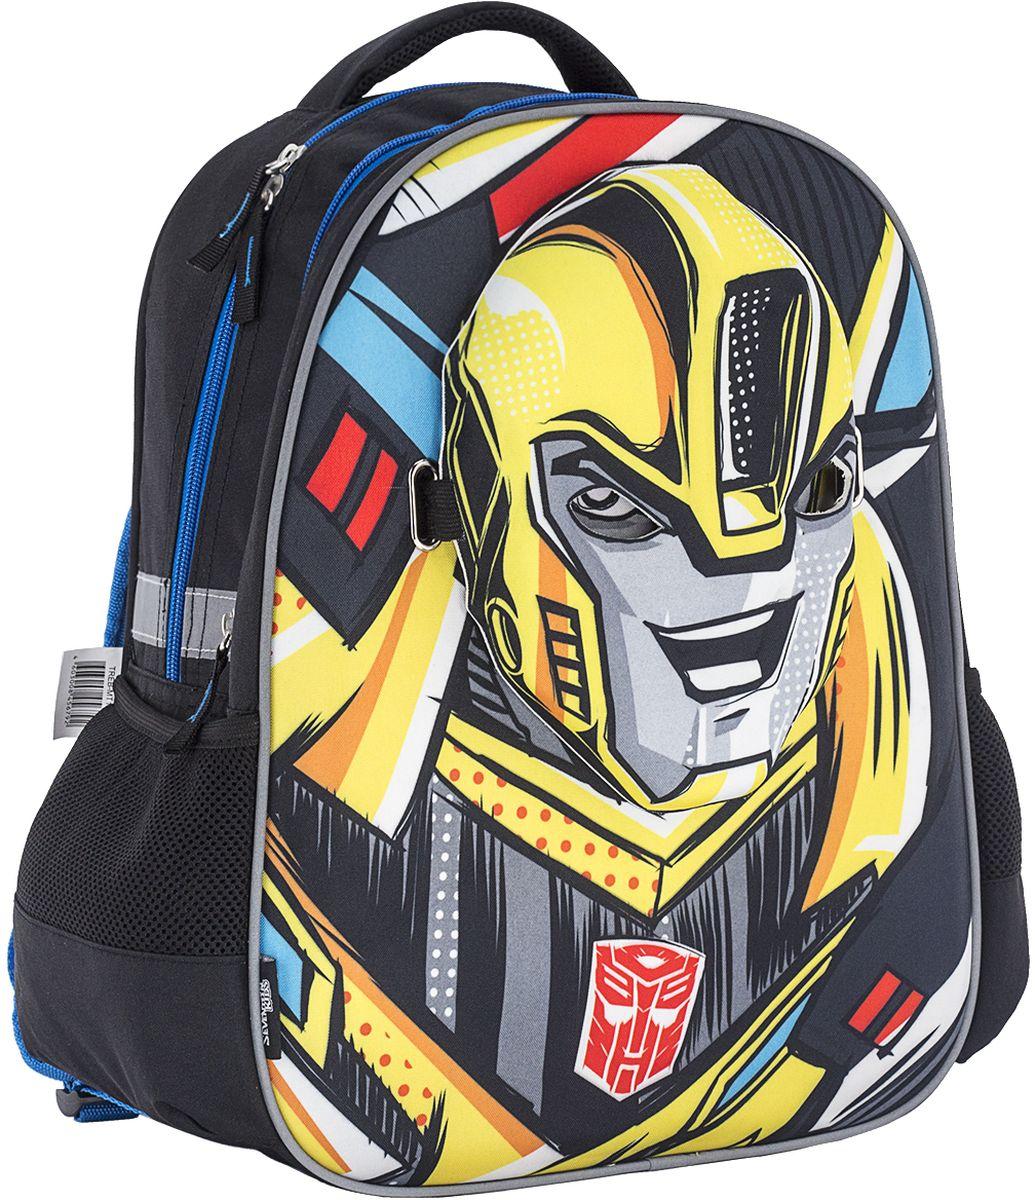 Transformers Ранец школьный Prime TREB-MT1-157TREB-MT1-157Рюкзак мягкий, с двумя отделениями на молнии, по бокам карманы-сетки. Лямки S-образной формы свободно регулируются по длине. На передней панели 3D маска